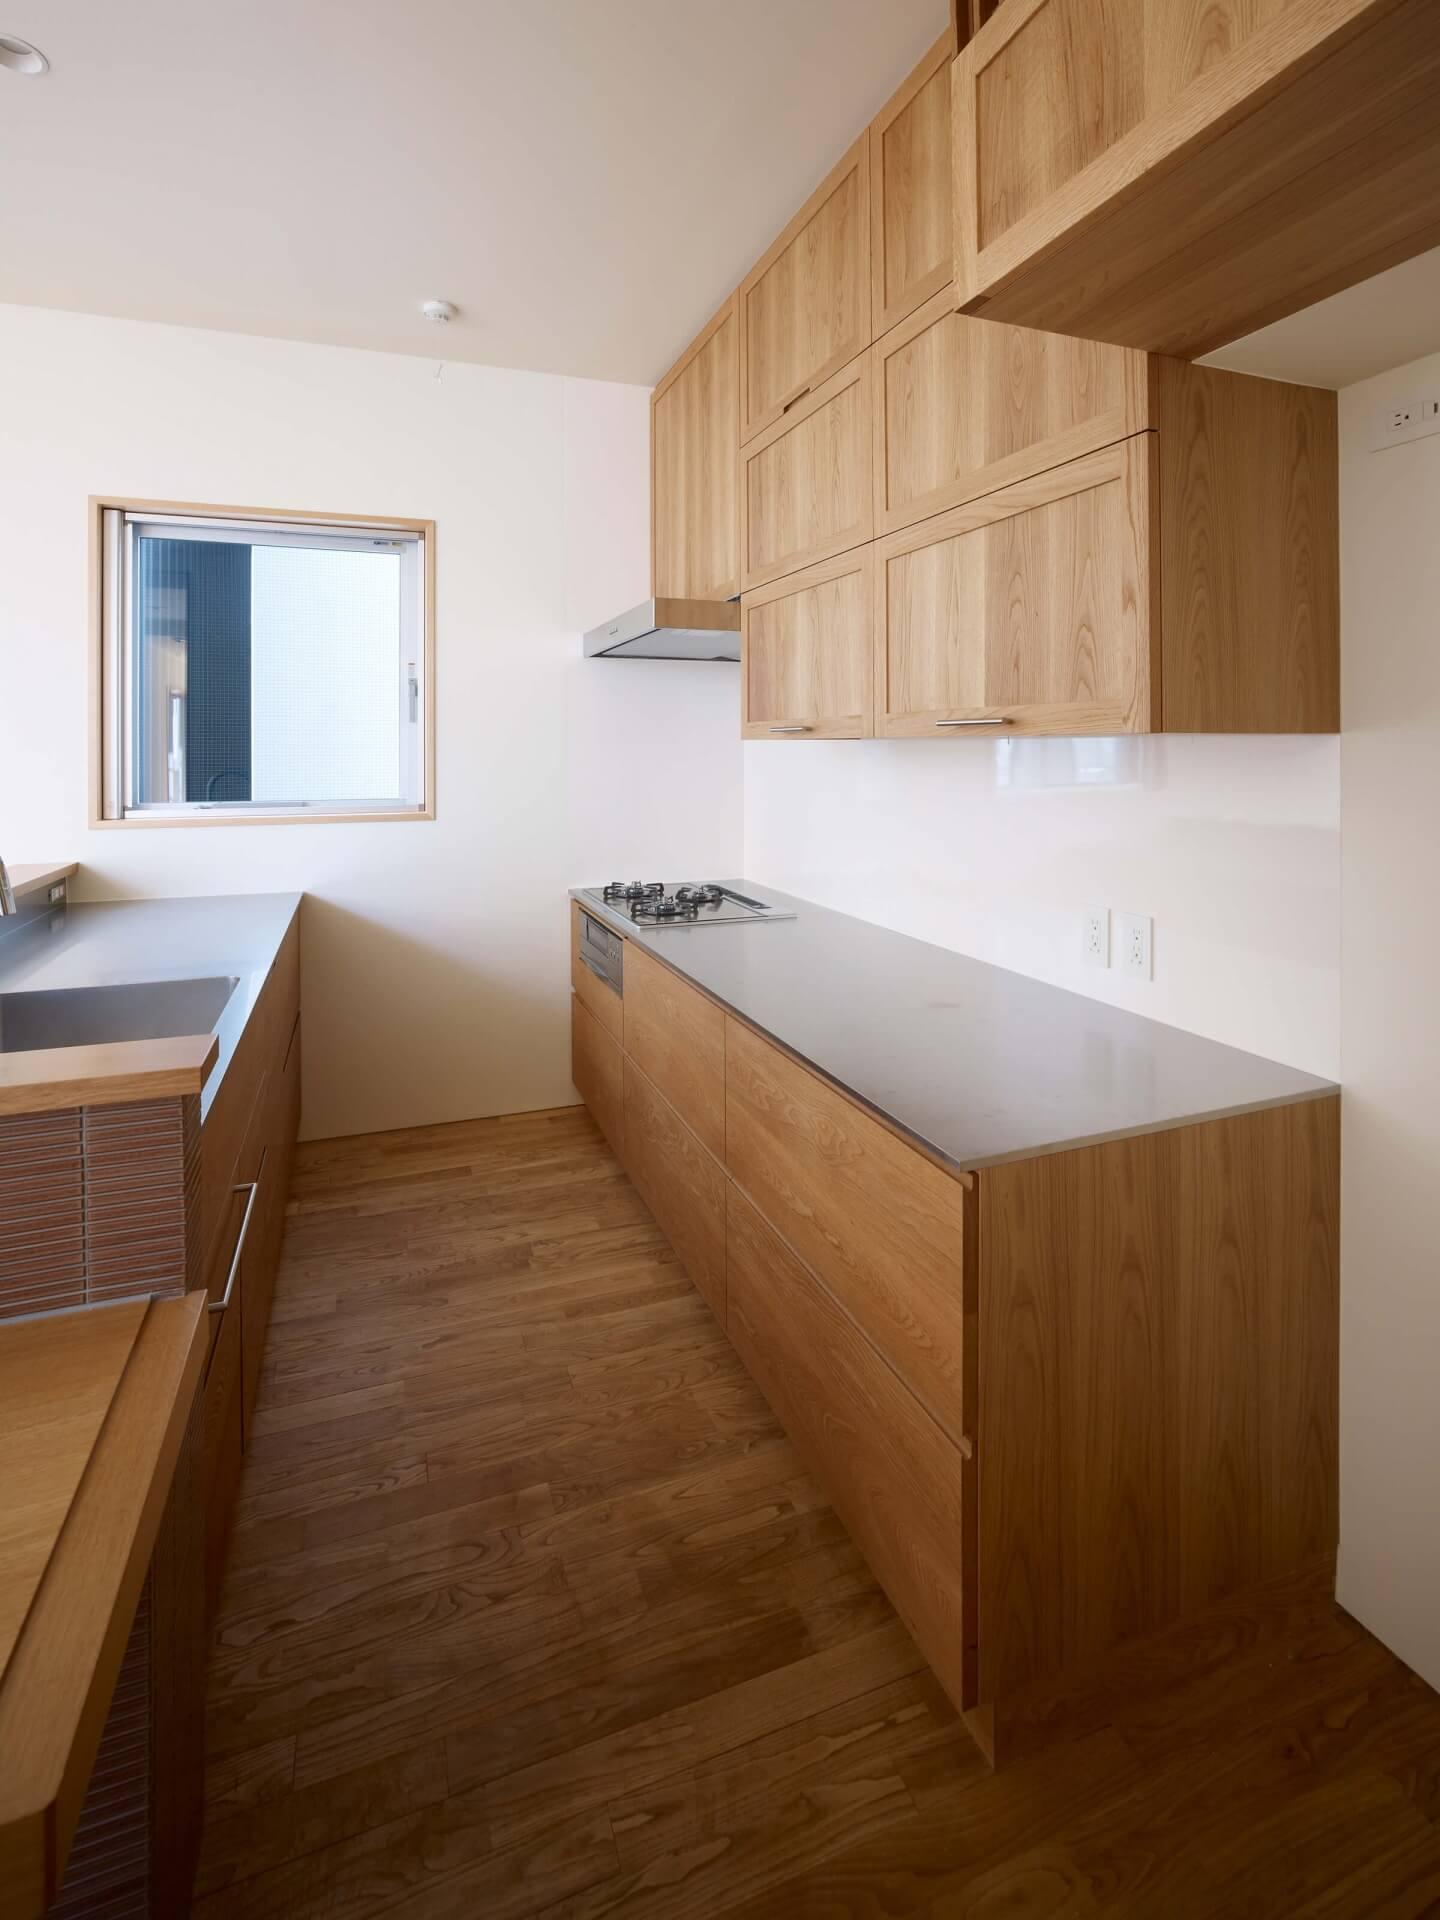 鶴見の住宅のキッチン